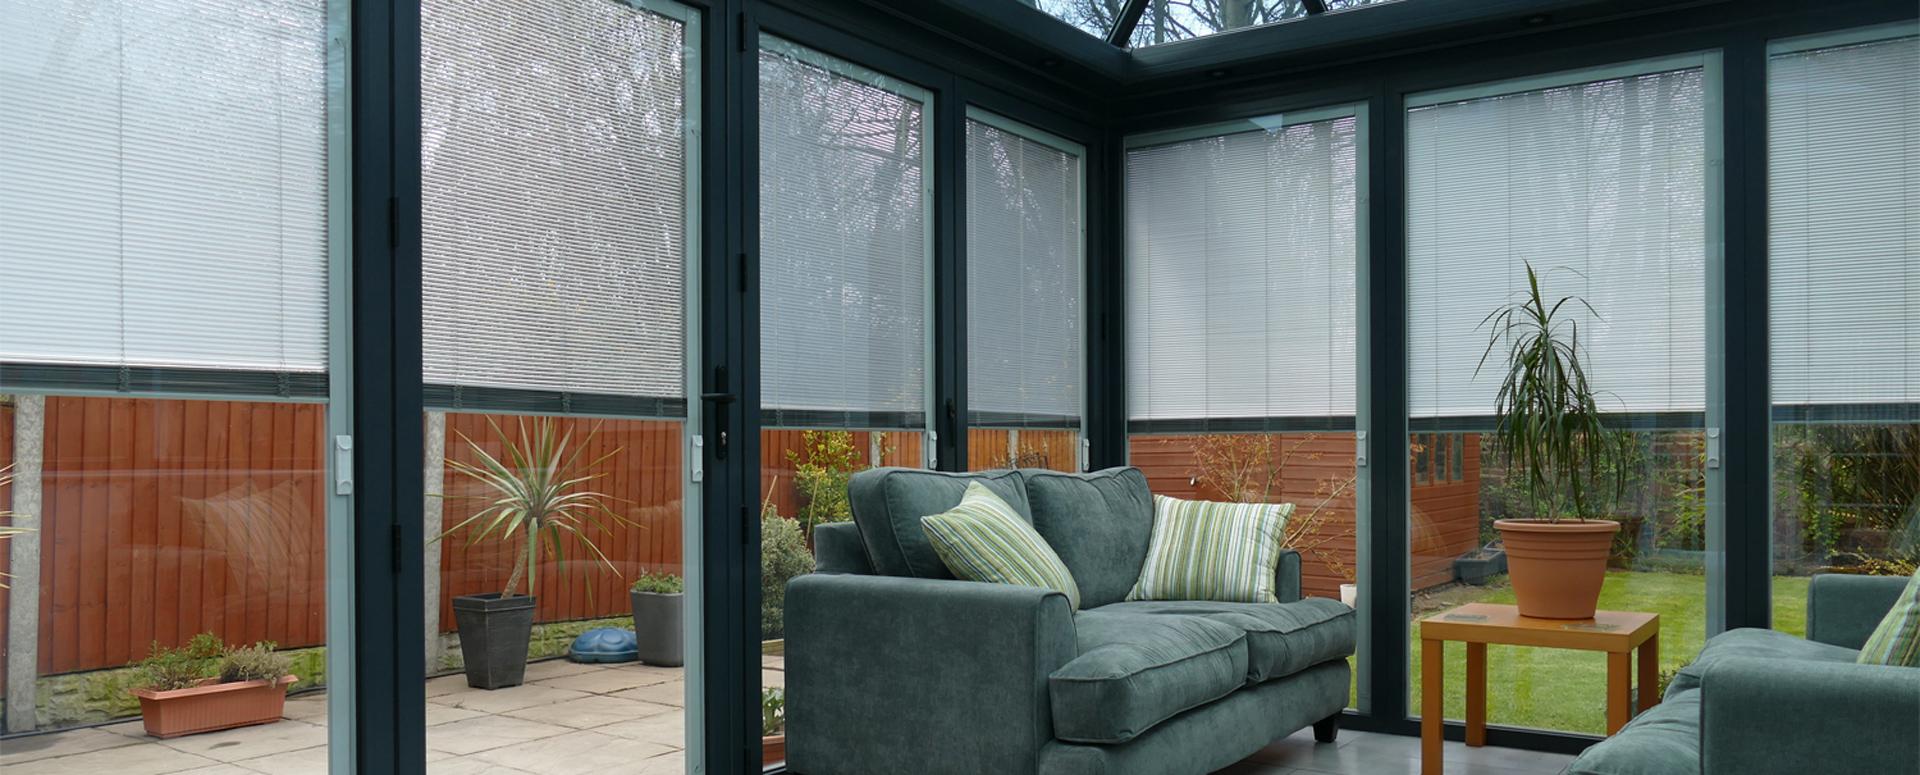 & UPVC Windows Preston | Doors Preston | Conservatories